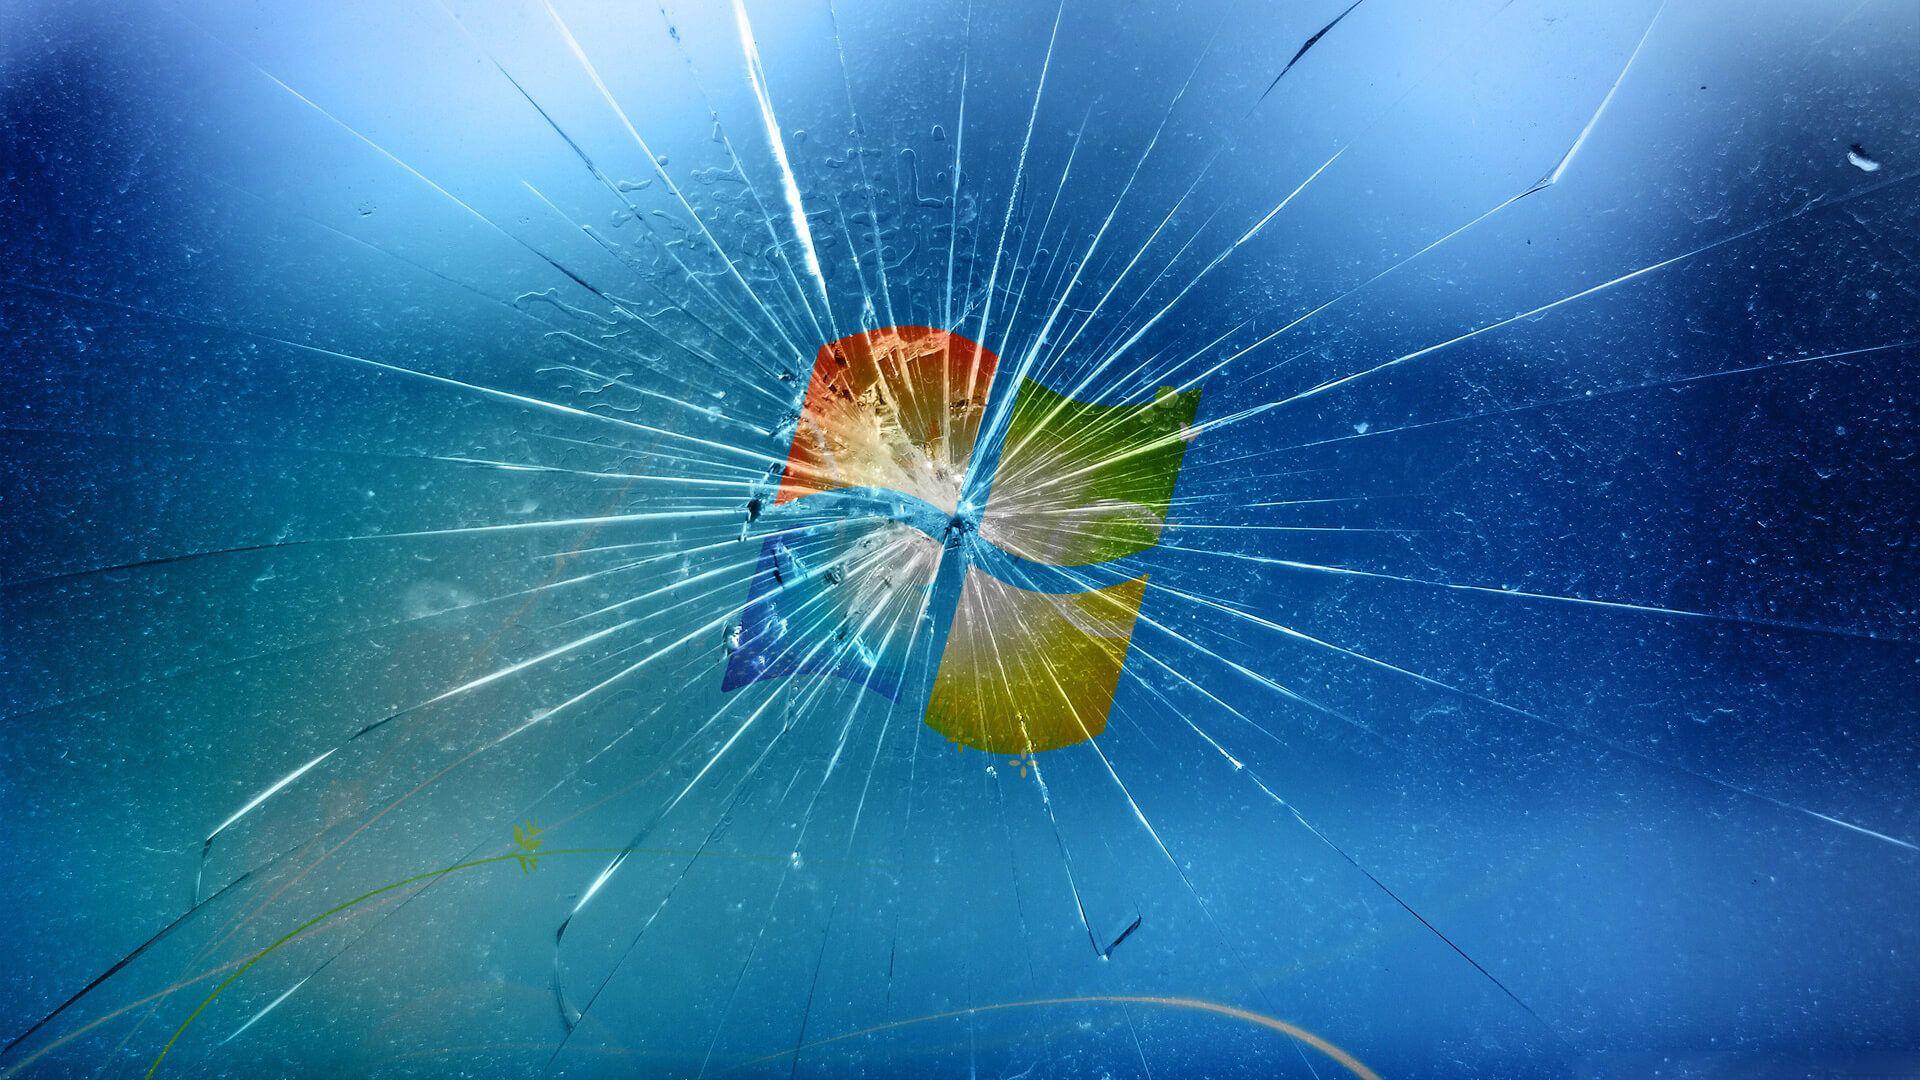 Windows 1 0 Wallpaper Bing Images Broken Screen Wallpaper